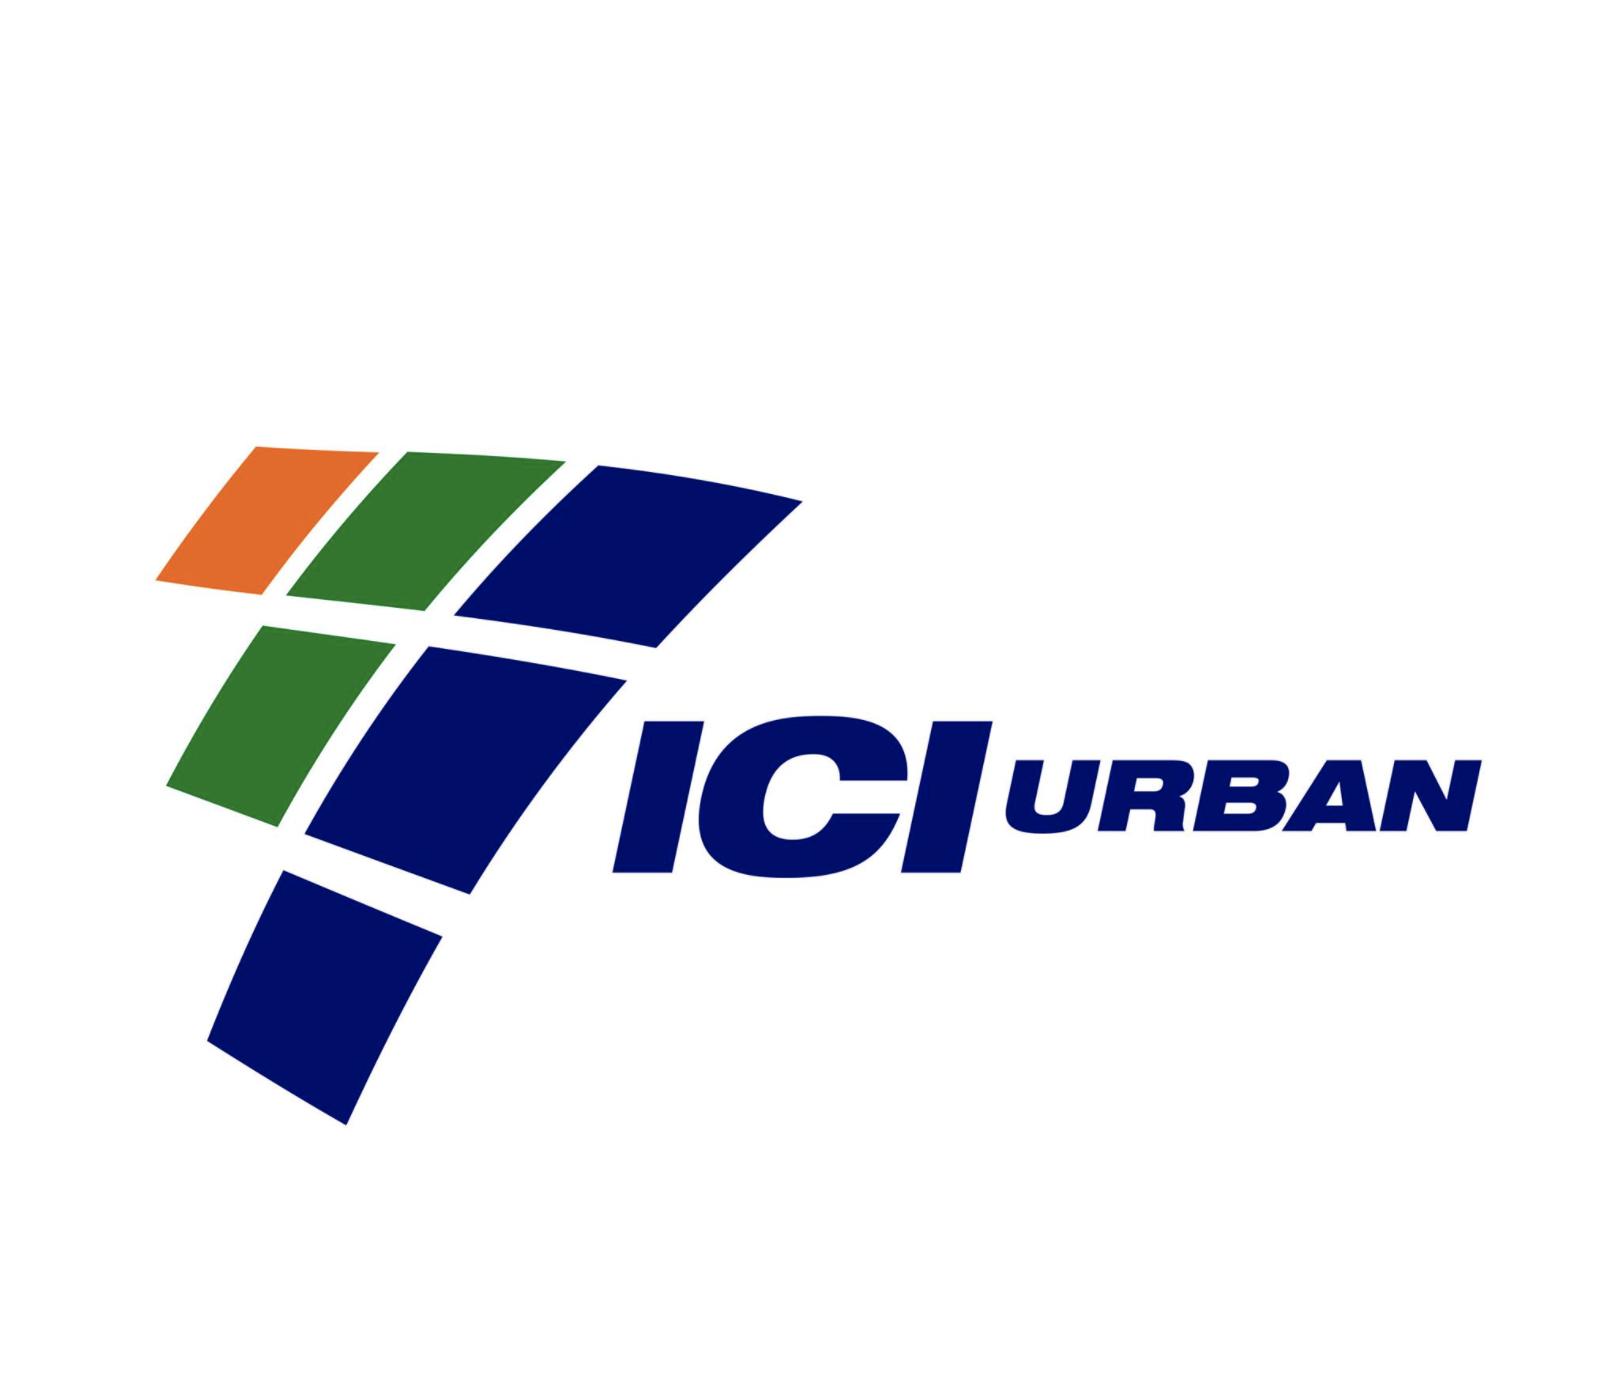 ICI Urban